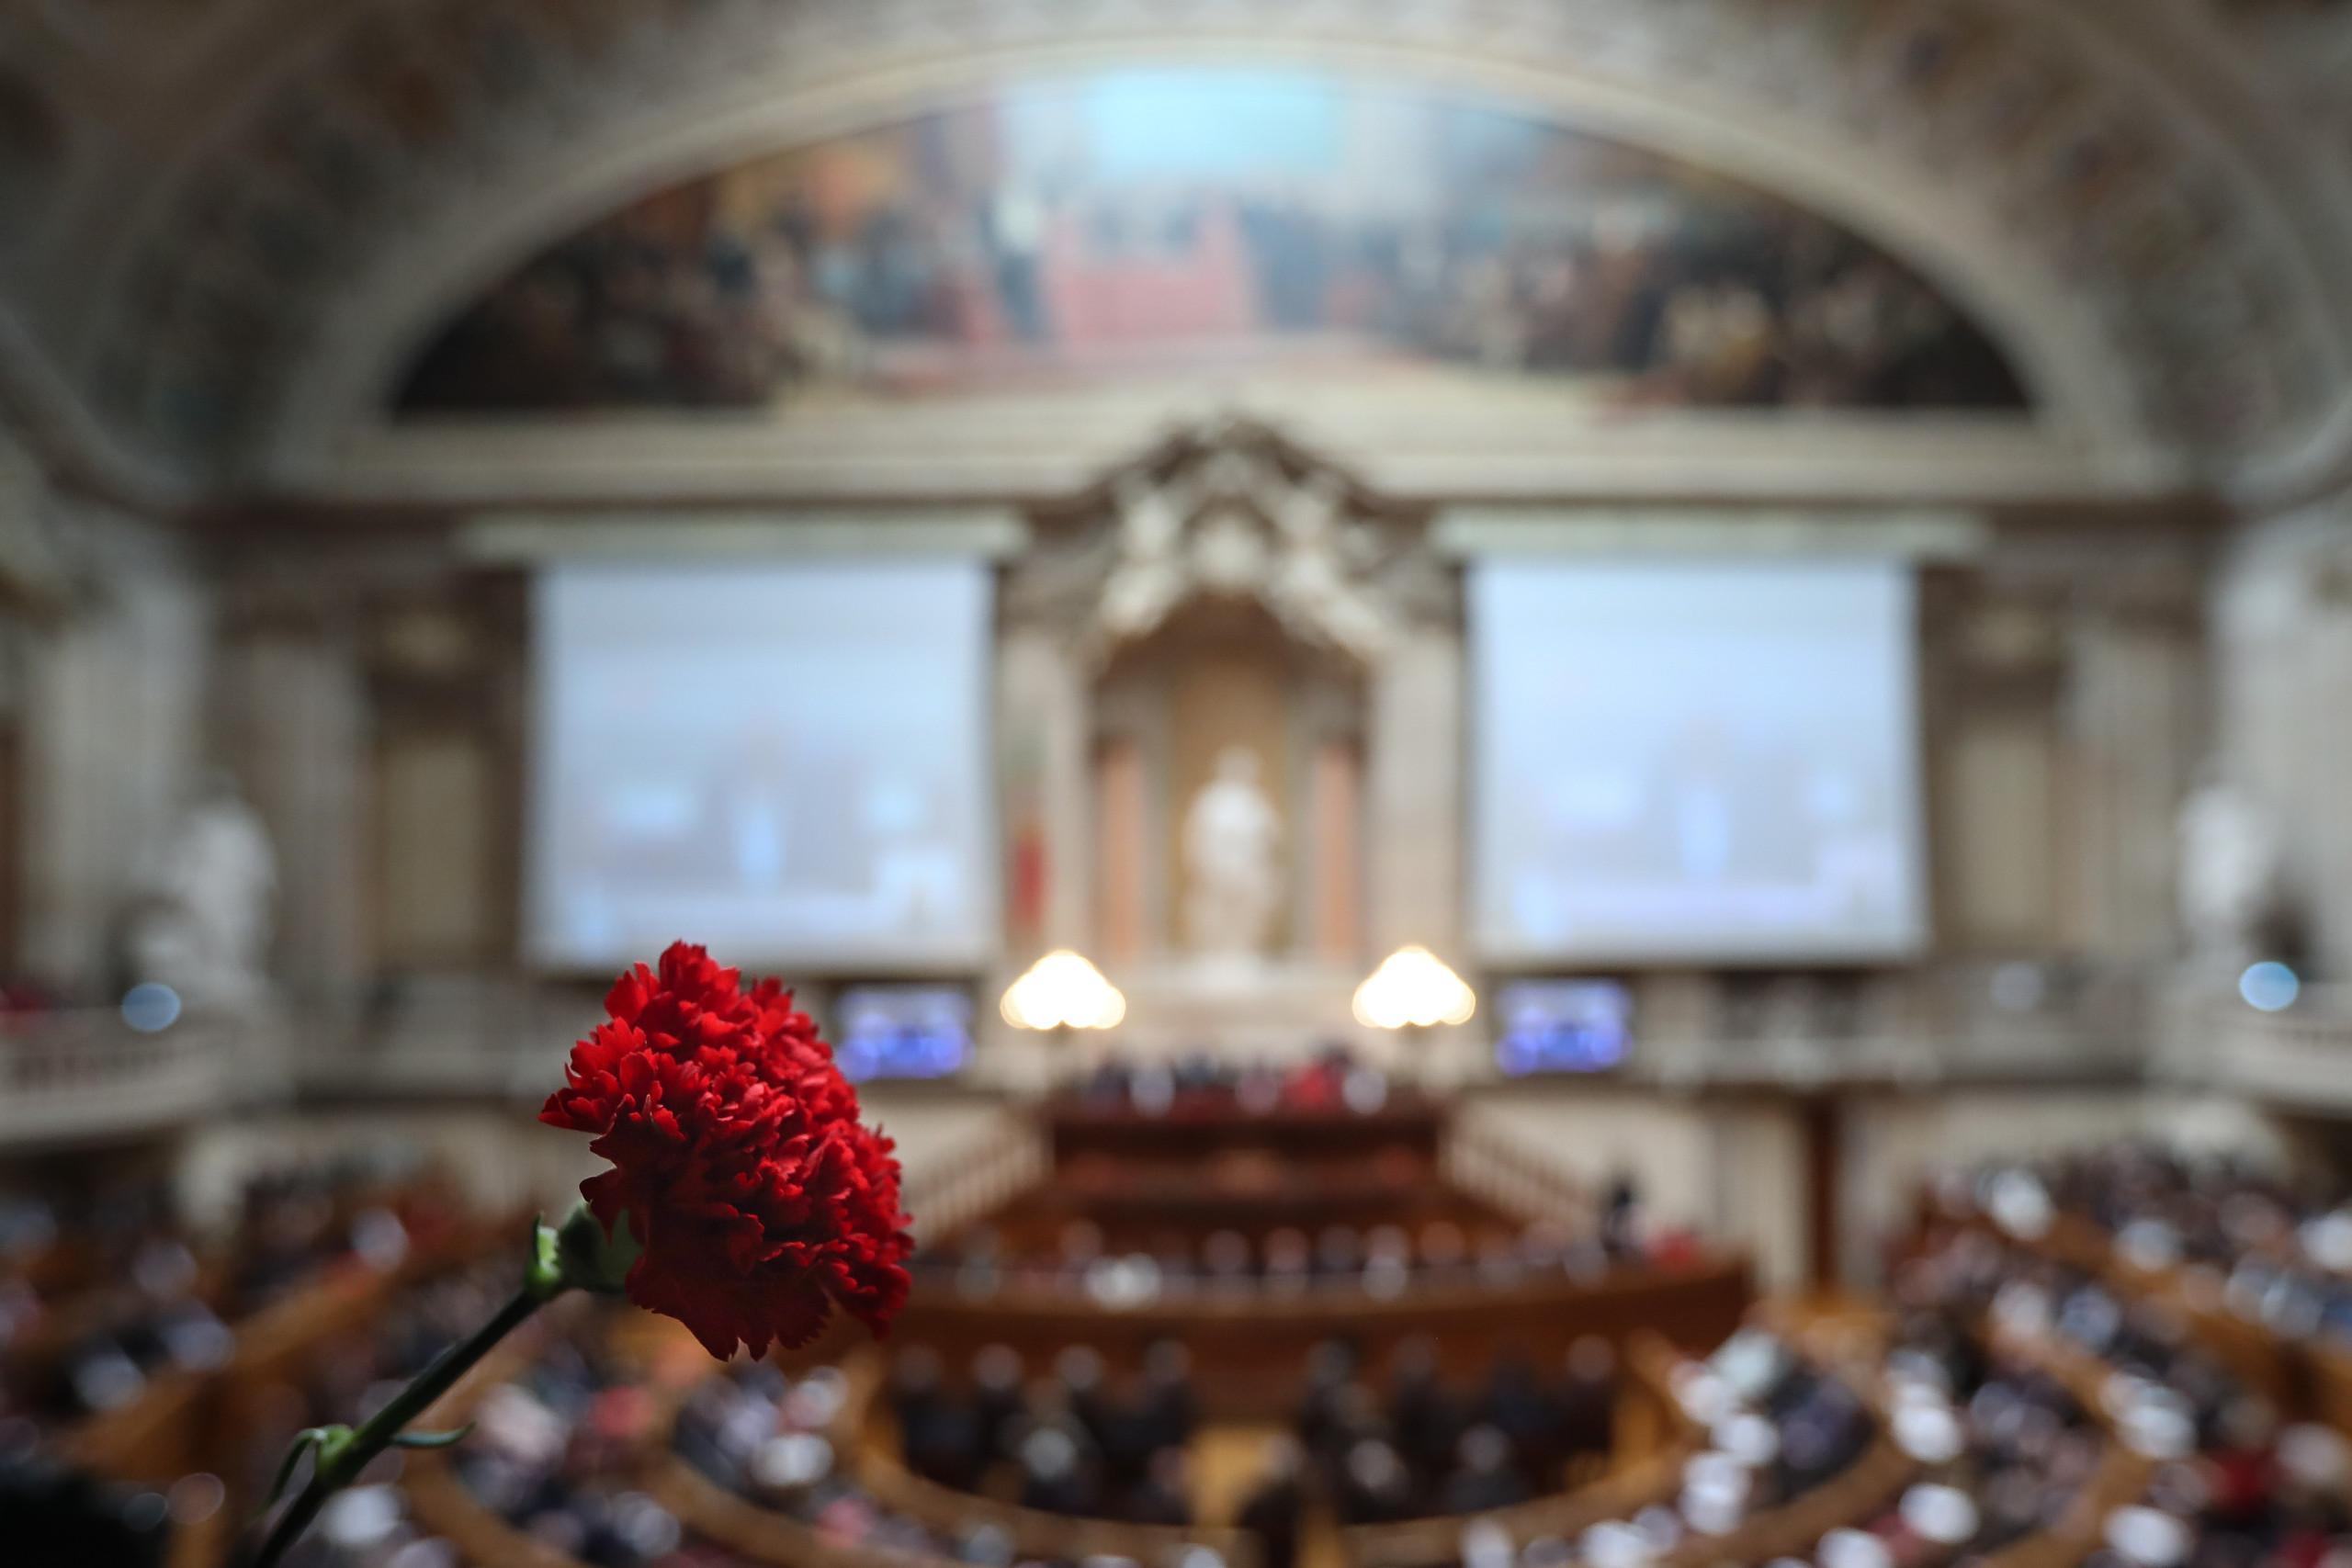 Marcelo pede mais ambição aos políticos enquanto partidos trocam recados